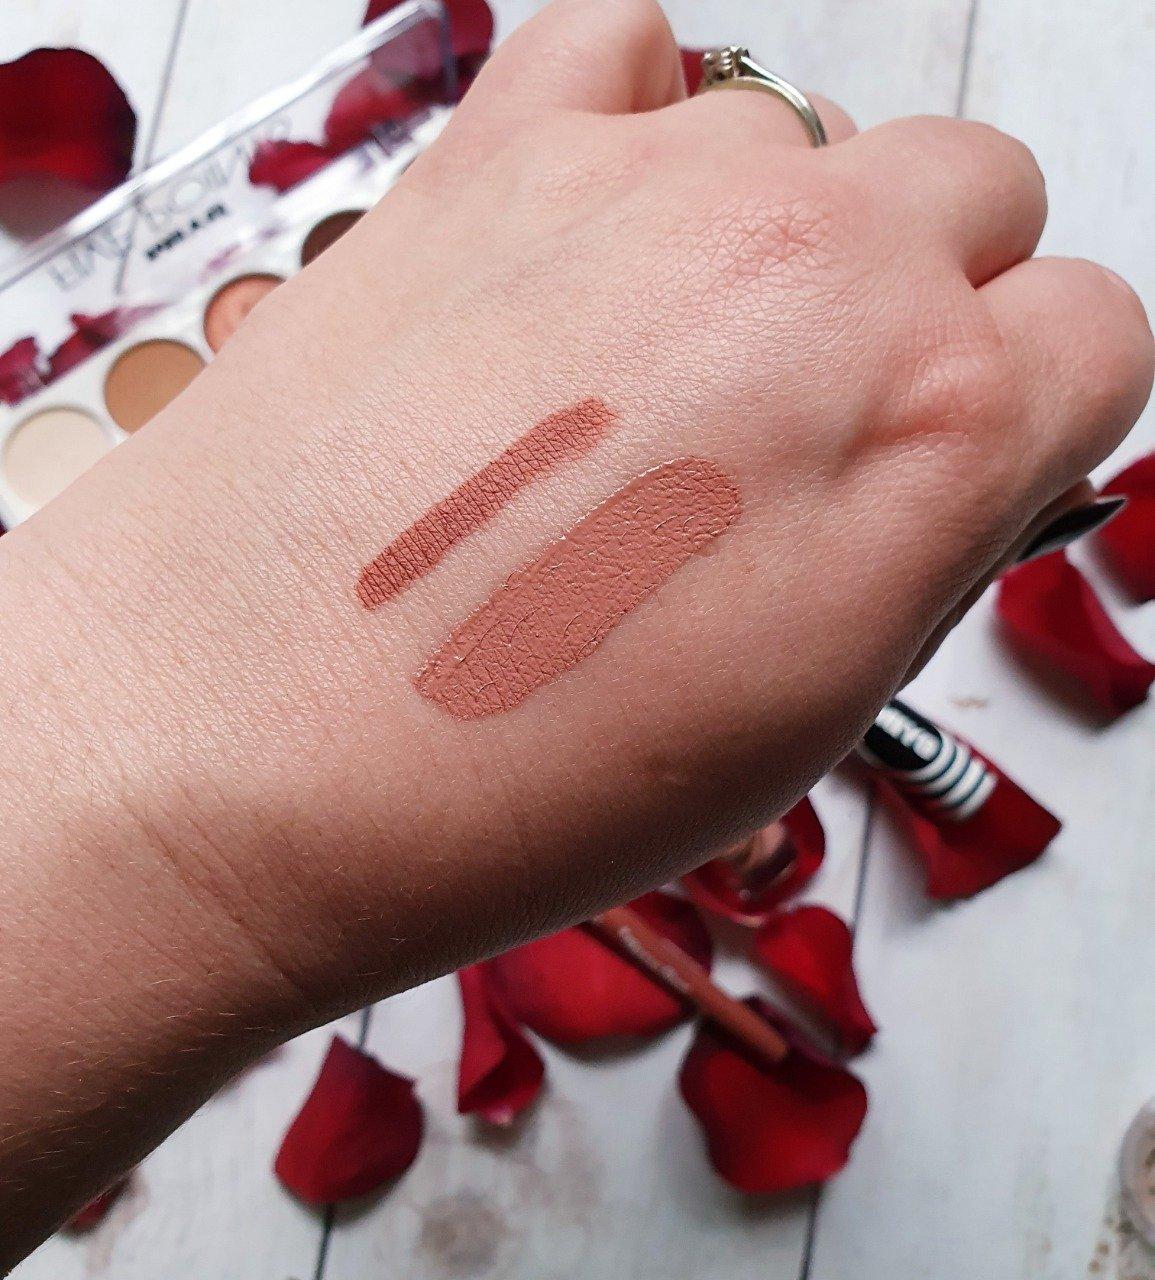 The 5 Secret Lipstick Tips For Dry Lips